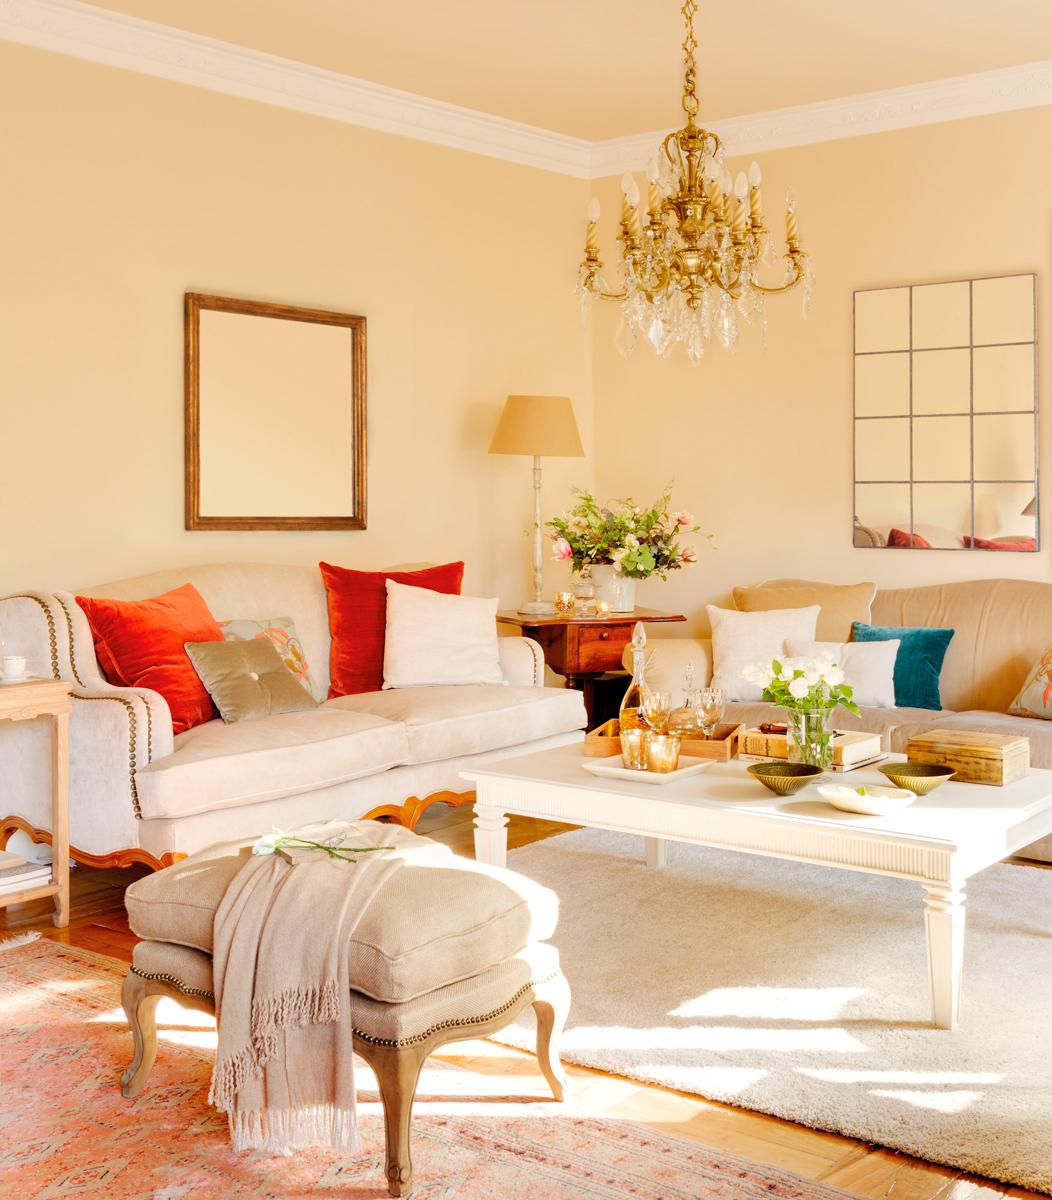 5-Salón-con-chandelier,-banqueta,-mesa-de-centro-y-sofá-con-cojines-rojos 326537